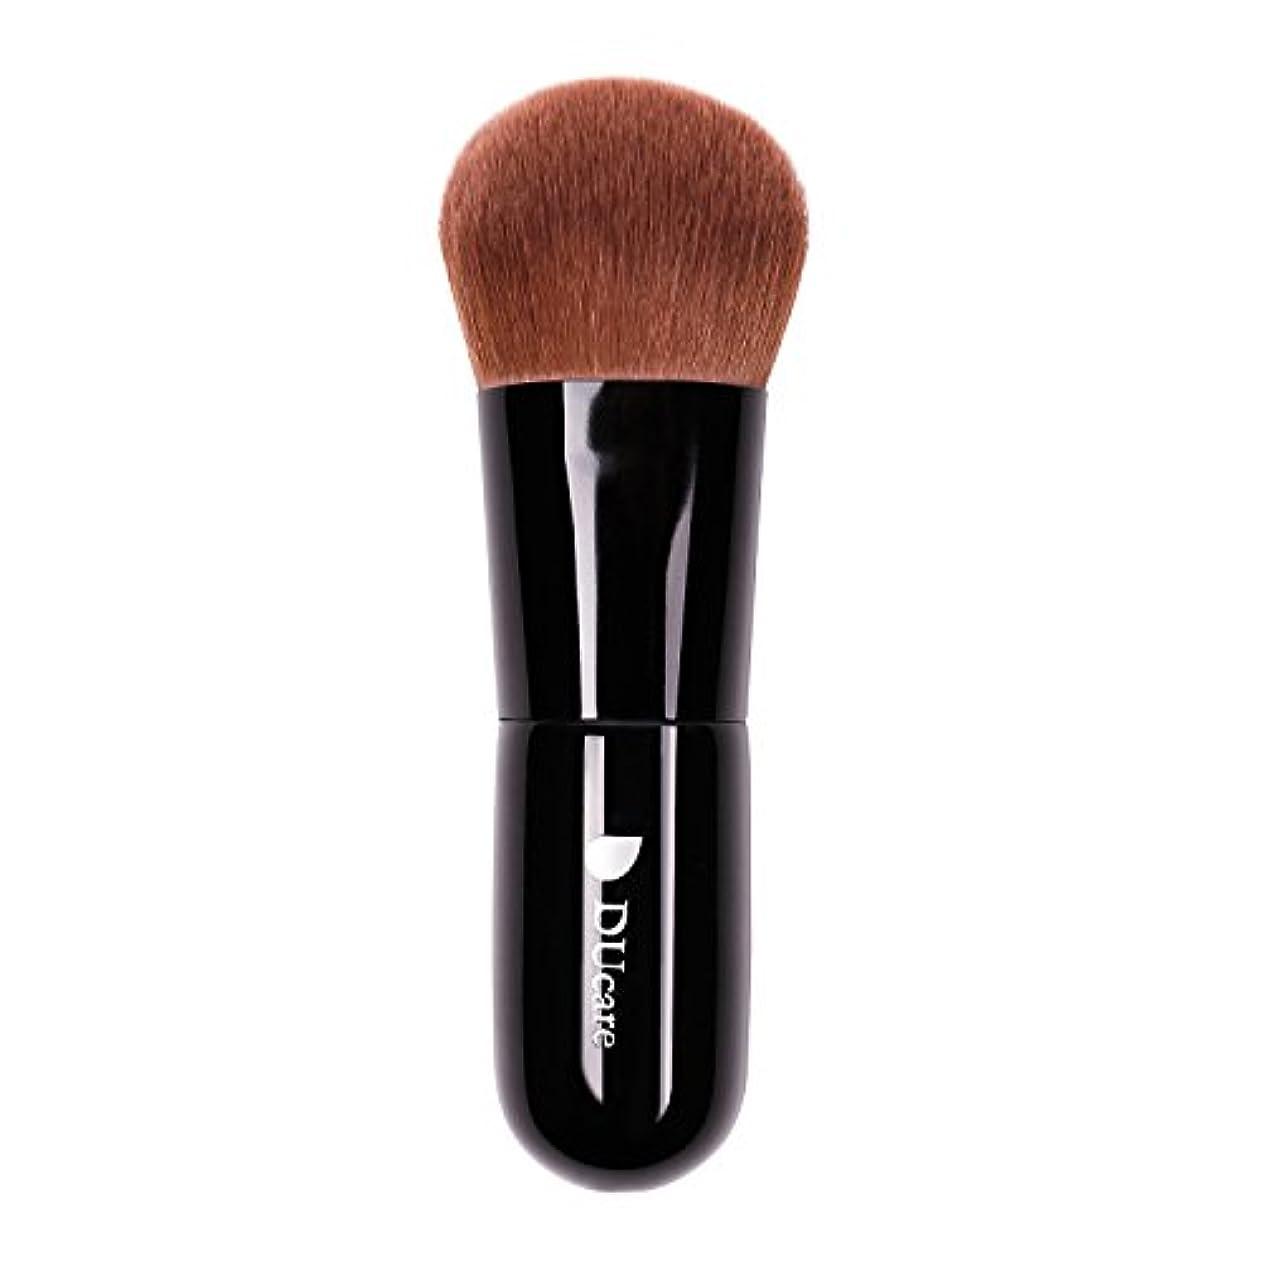 スリップシューズ従事する不公平ドゥケア(DUcare) 化粧筆 ファンデーションブラシ フェイスブラシ 最高級のタクロンを使用